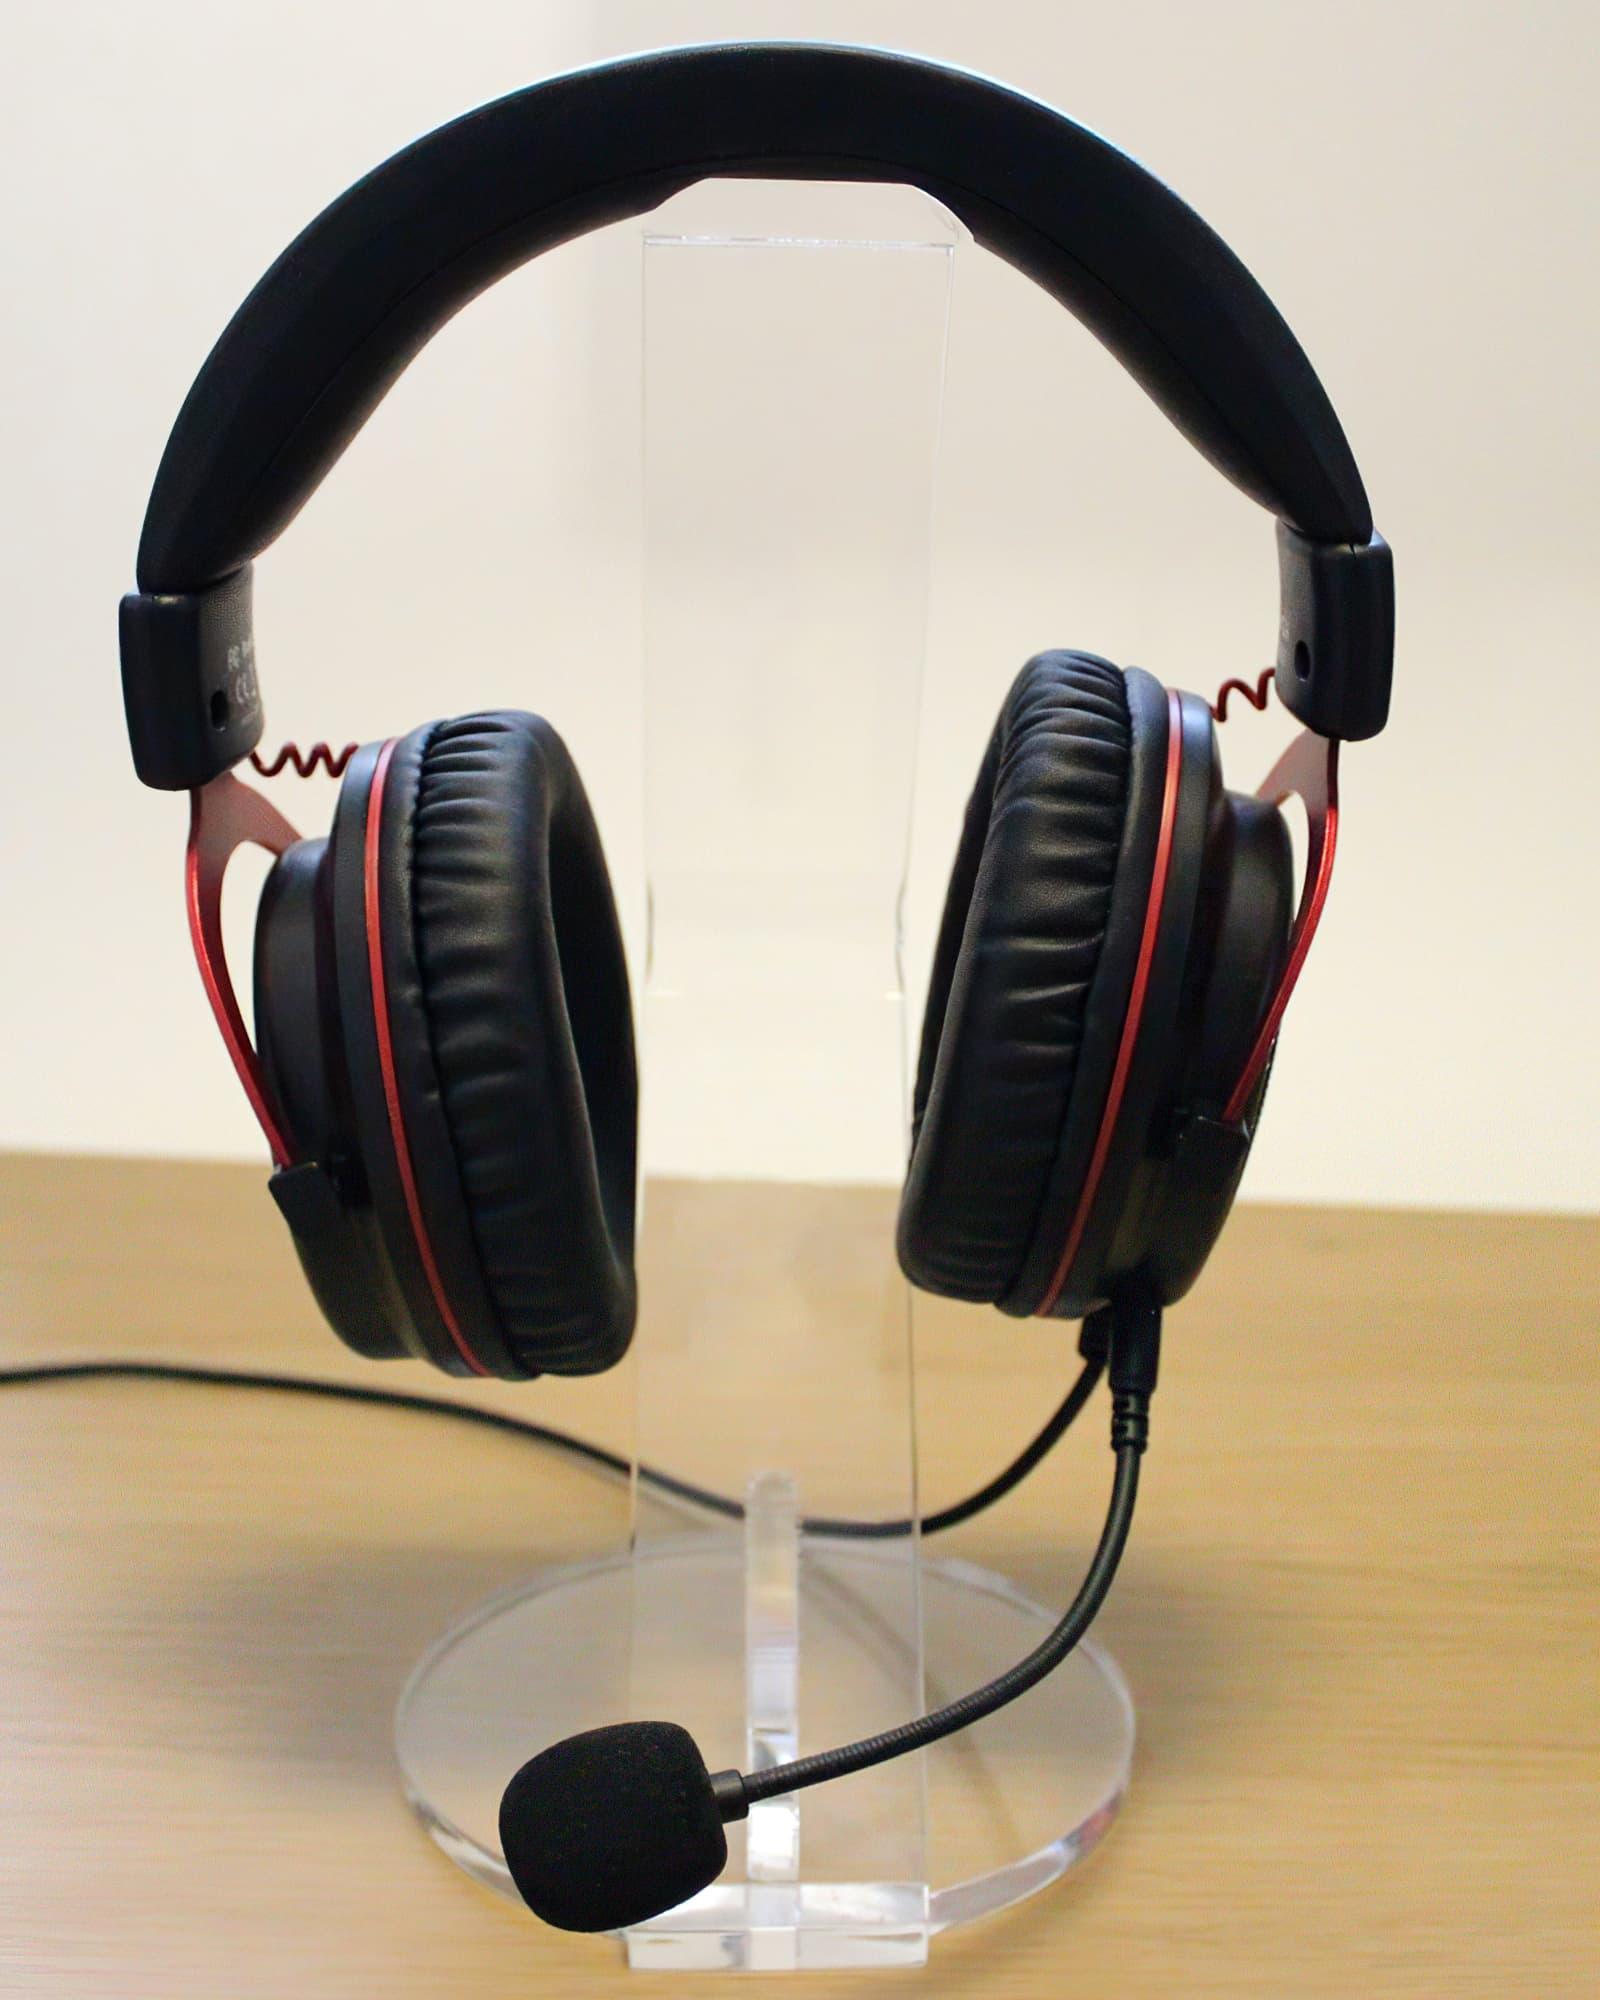 EKSA E900 Pro Headset - Appearance